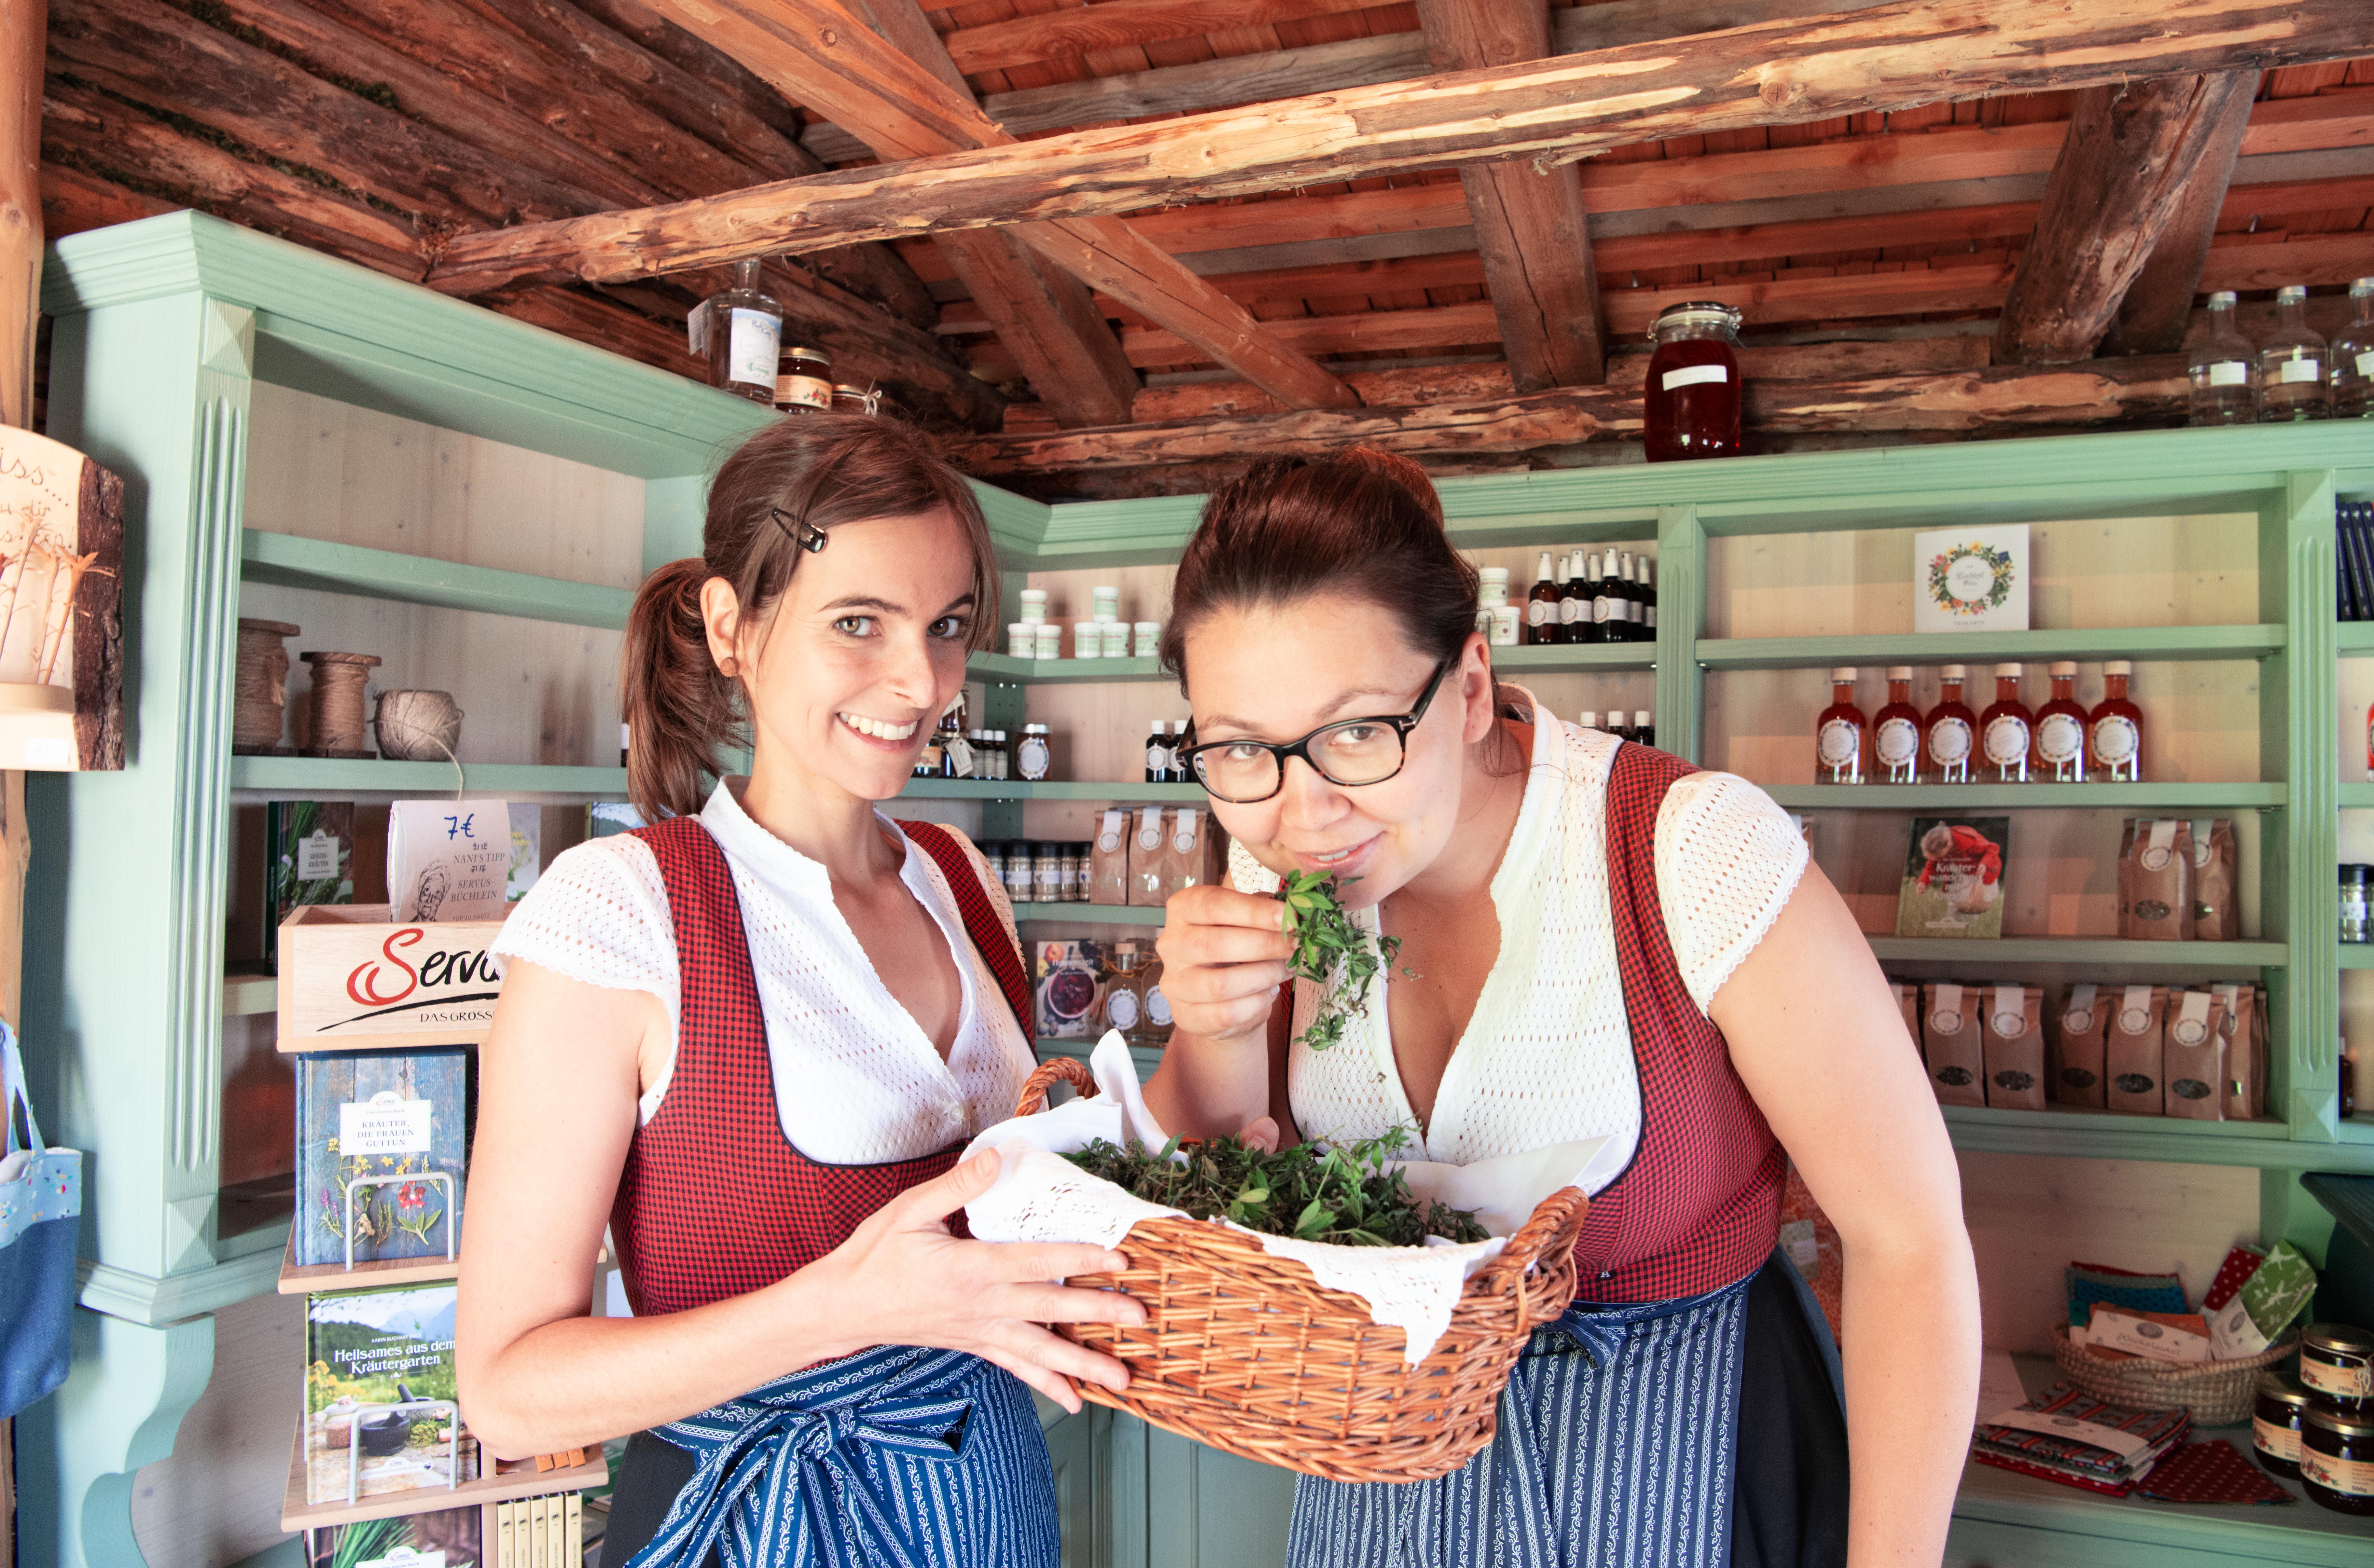 Sarah und Isabella mit frischen Kräutern. c Edith Danzer